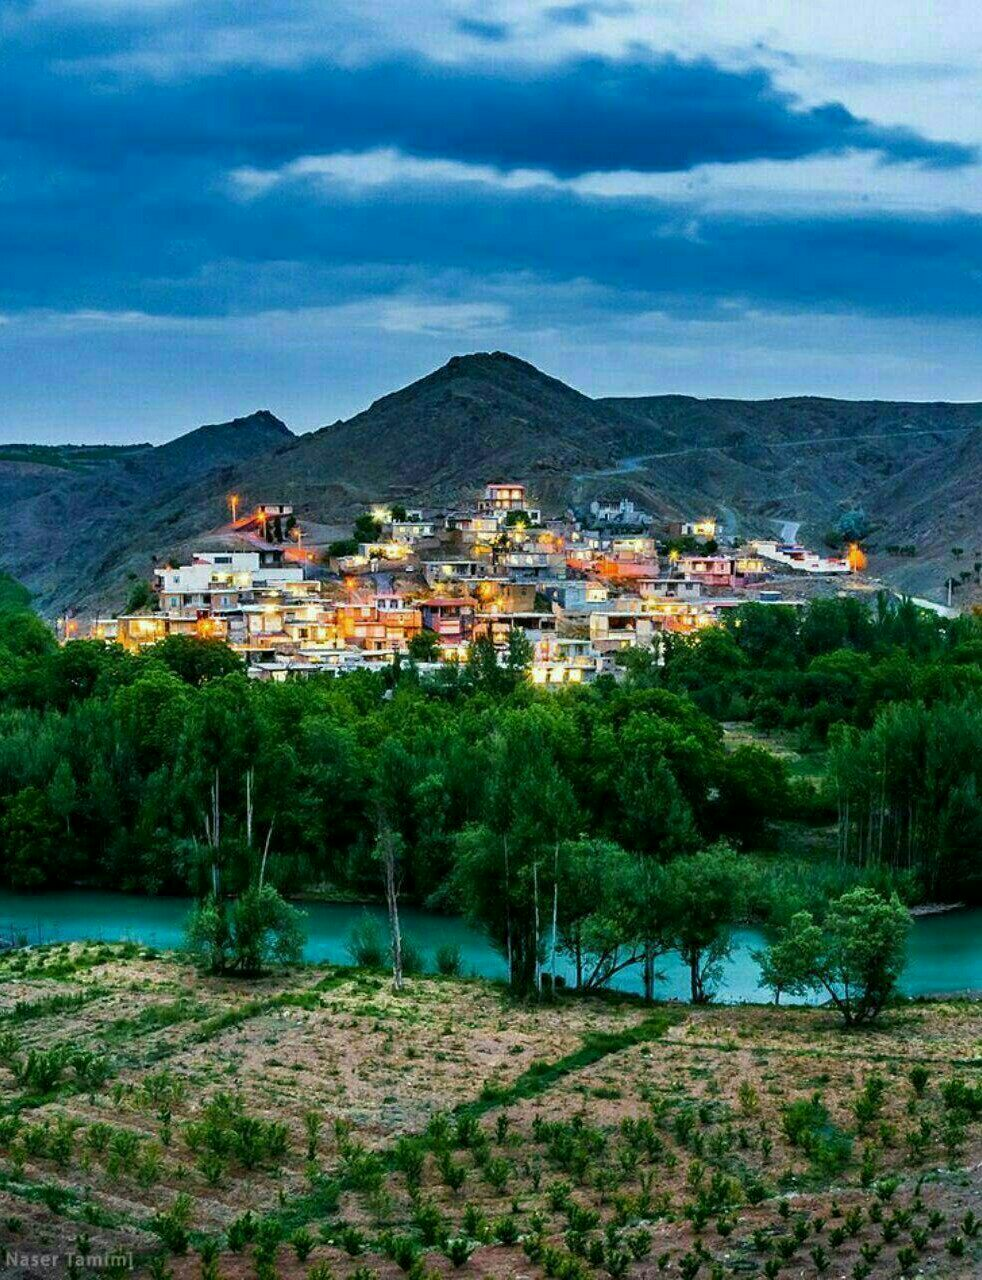 تصویری زیبا از روستای چم نار در استان چهار محال و بختیاری